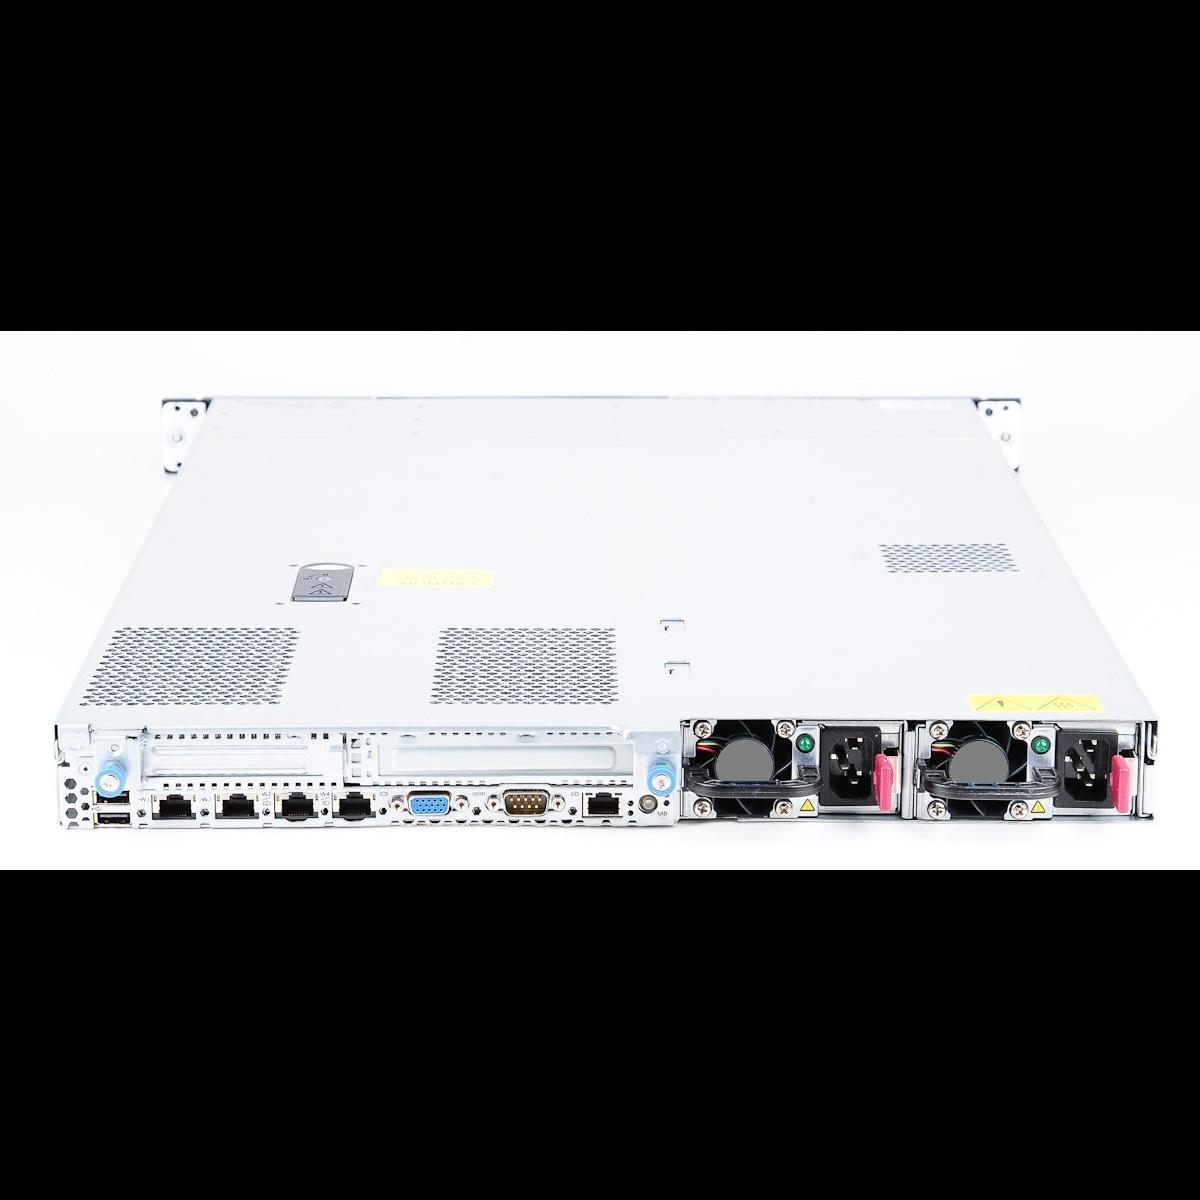 Сервер HP Proliant DL360 G7, 2 процессора Intel Xeon 6С X5670 2.93GHz, 48GB DRAM